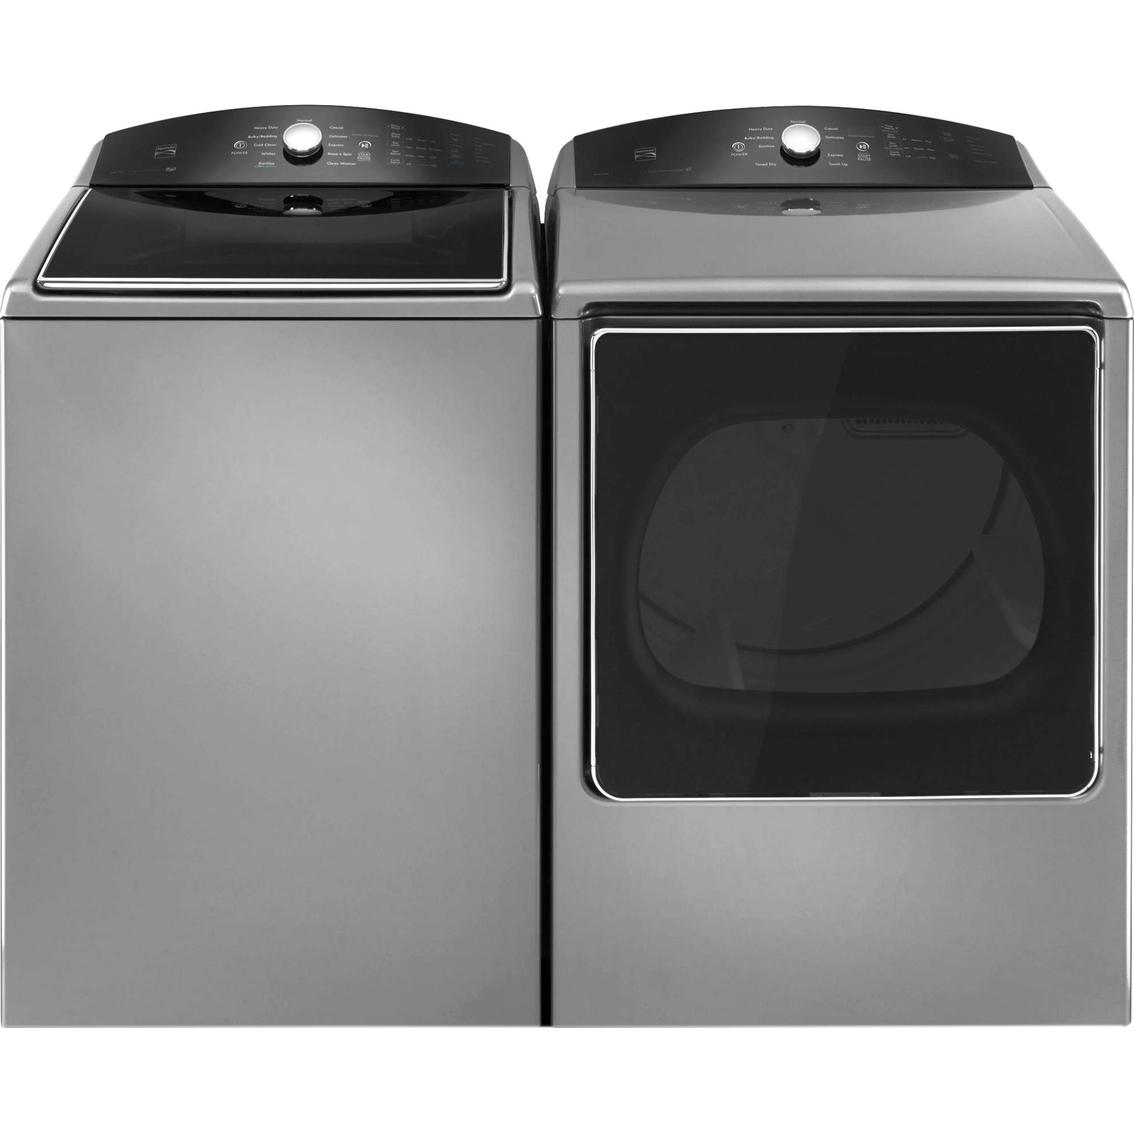 f2c5eee2bdb Kenmore 5.3 Cu. Ft. Top Load Washer   8.8 Cu. Ft. Gas Dryer Combo ...